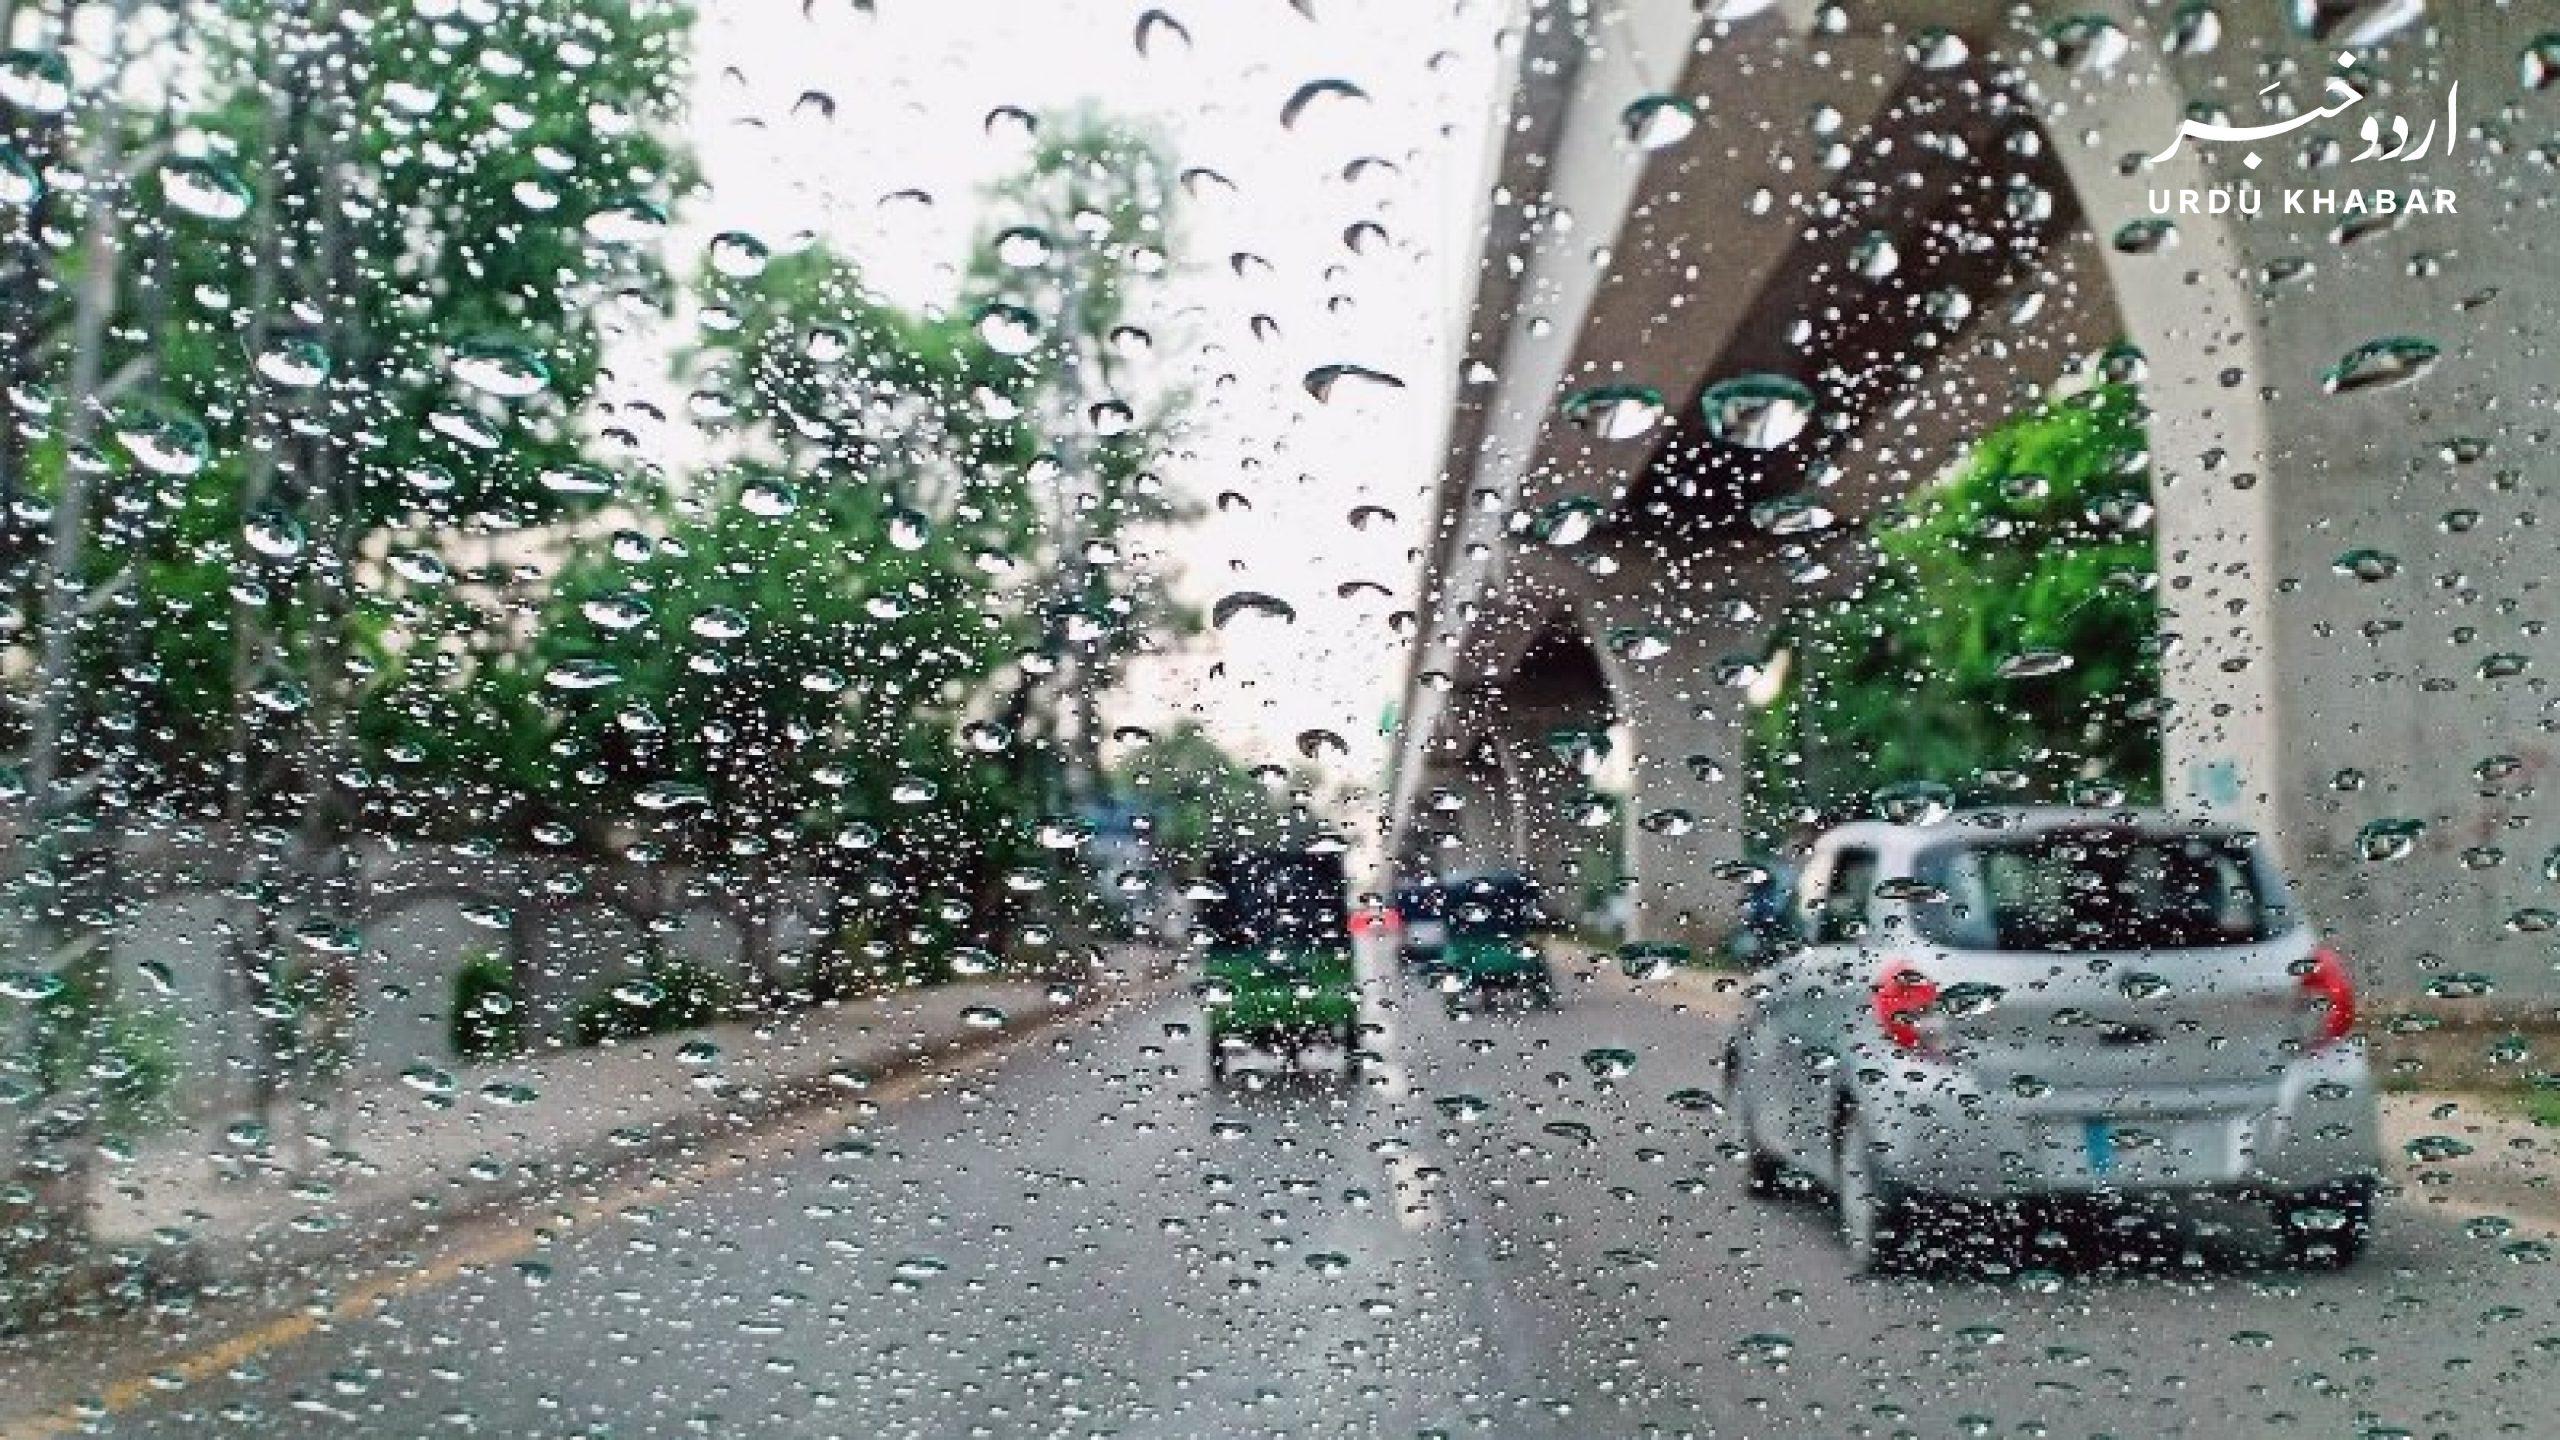 کراچی والے دسمبر میں ٹھنڈی ہواؤں اور بارش کے لئے تیار رہیں